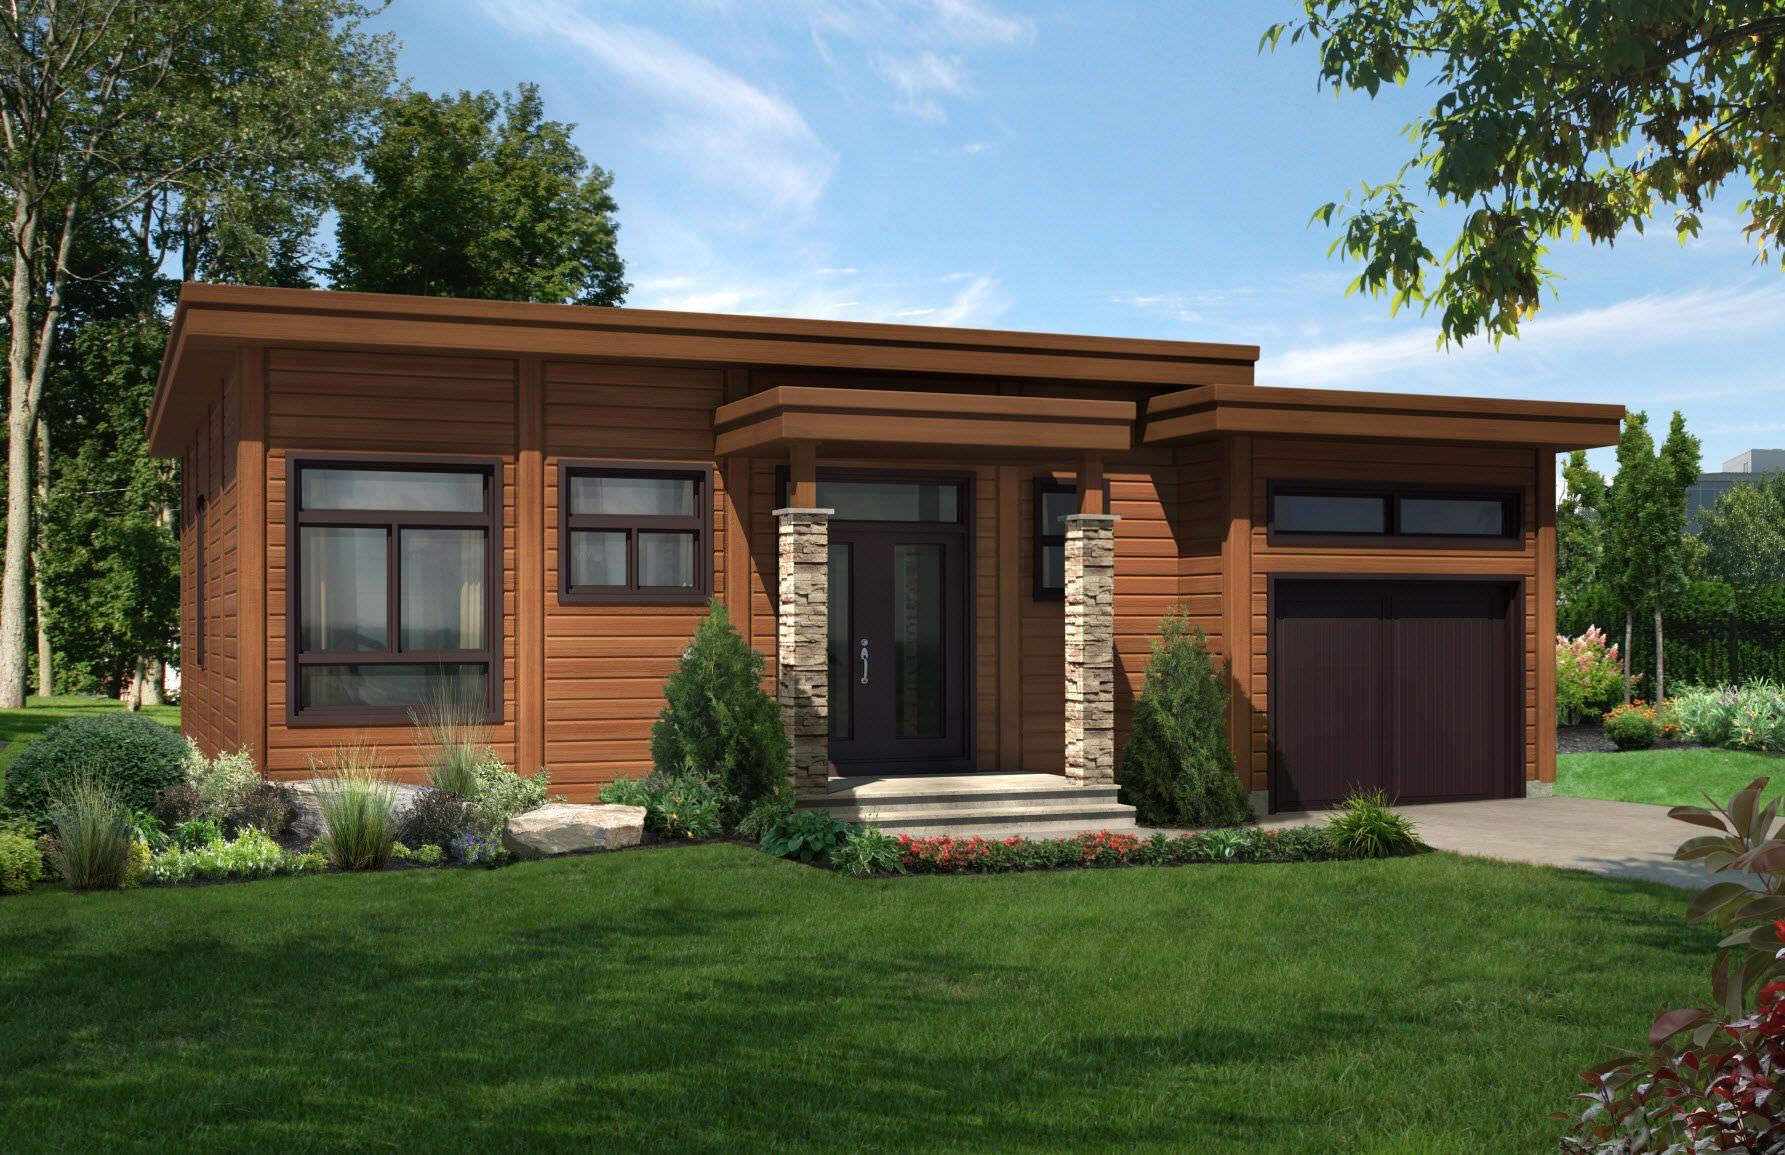 Fachadas de casas modernas de un piso buscar con google modelos de casa pinterest house - Fachadas de casas de un piso ...